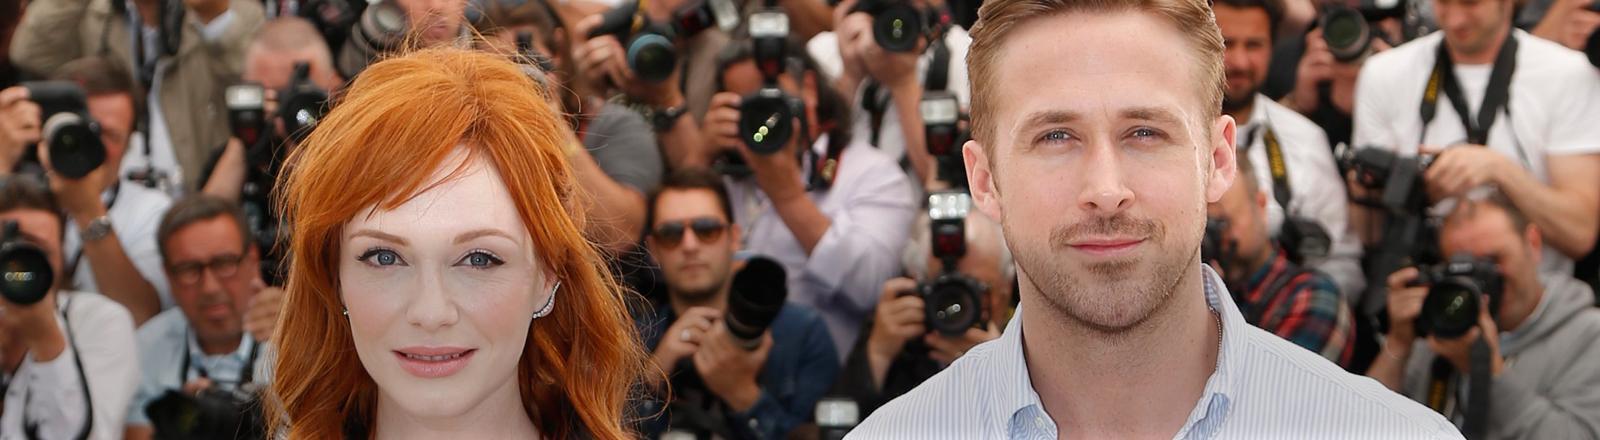 """Ryan Gosling und Christina Hendricks beim Photocall zum Film """"Lost River"""", Goslings Regiedebüt, in Cannes 2014."""